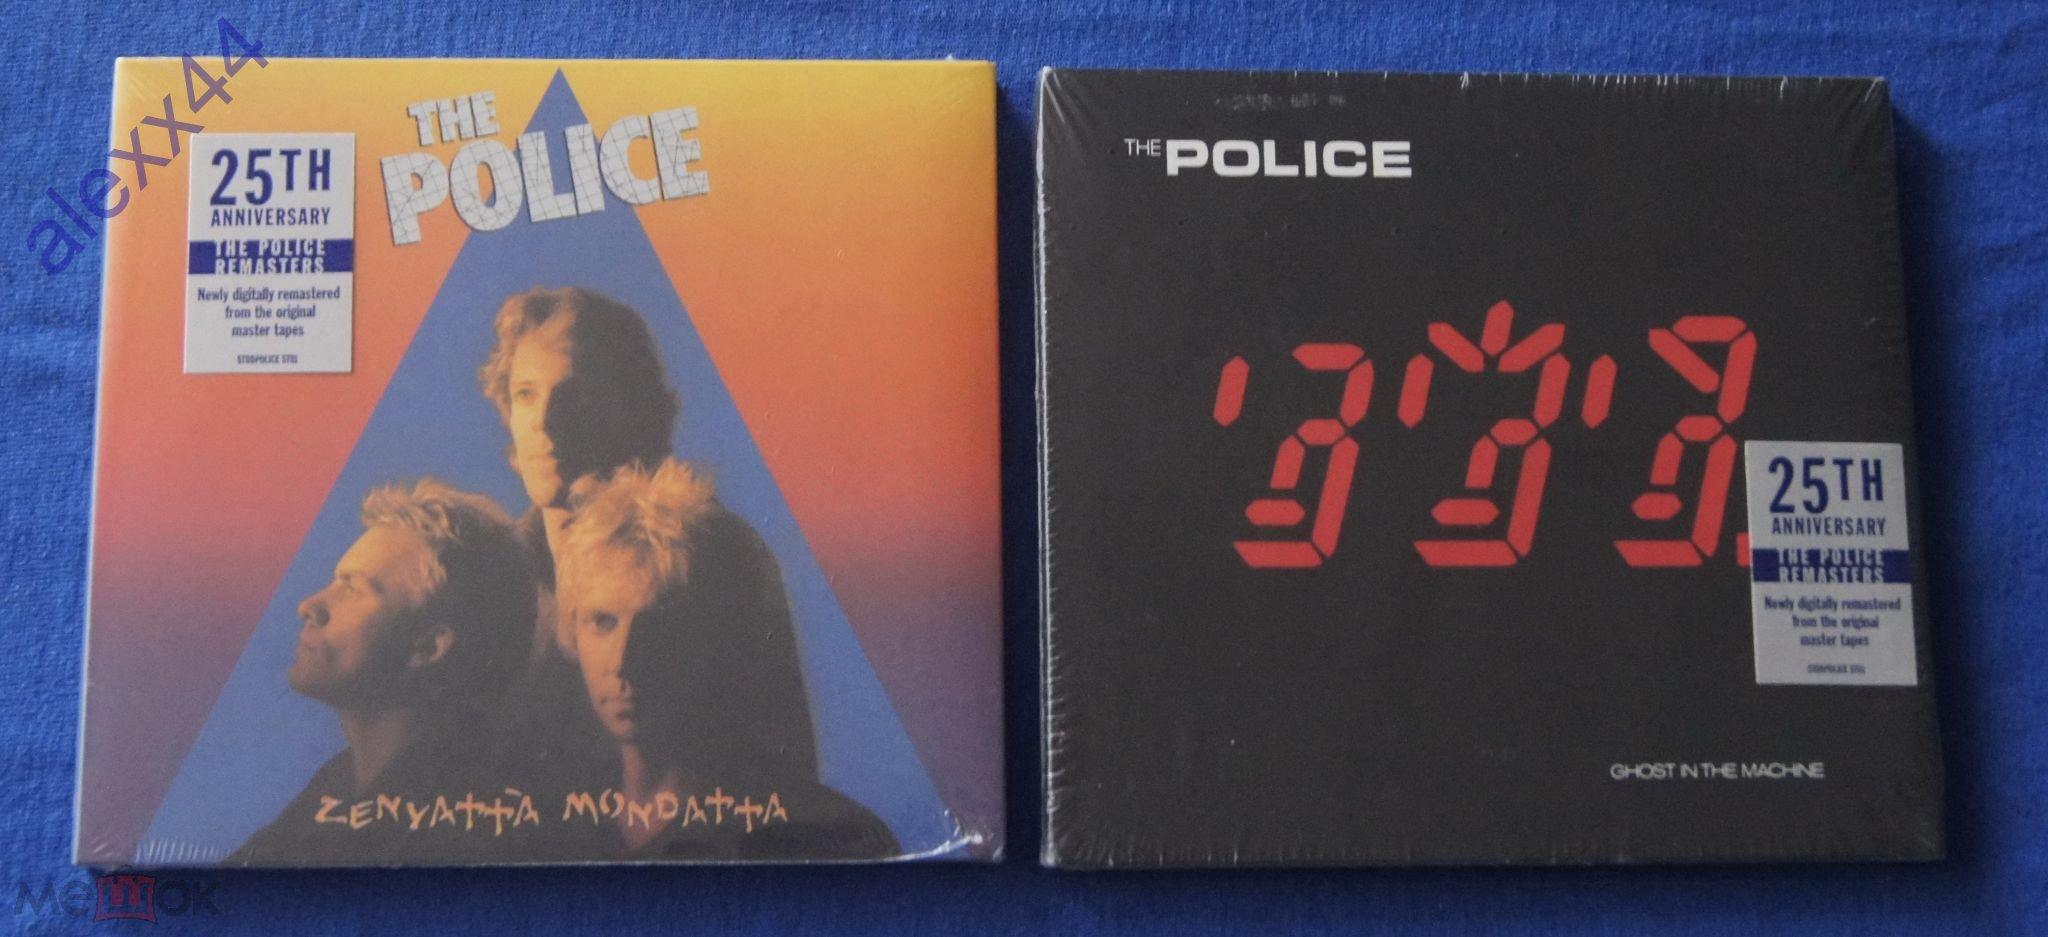 Police, The - USA (2003)